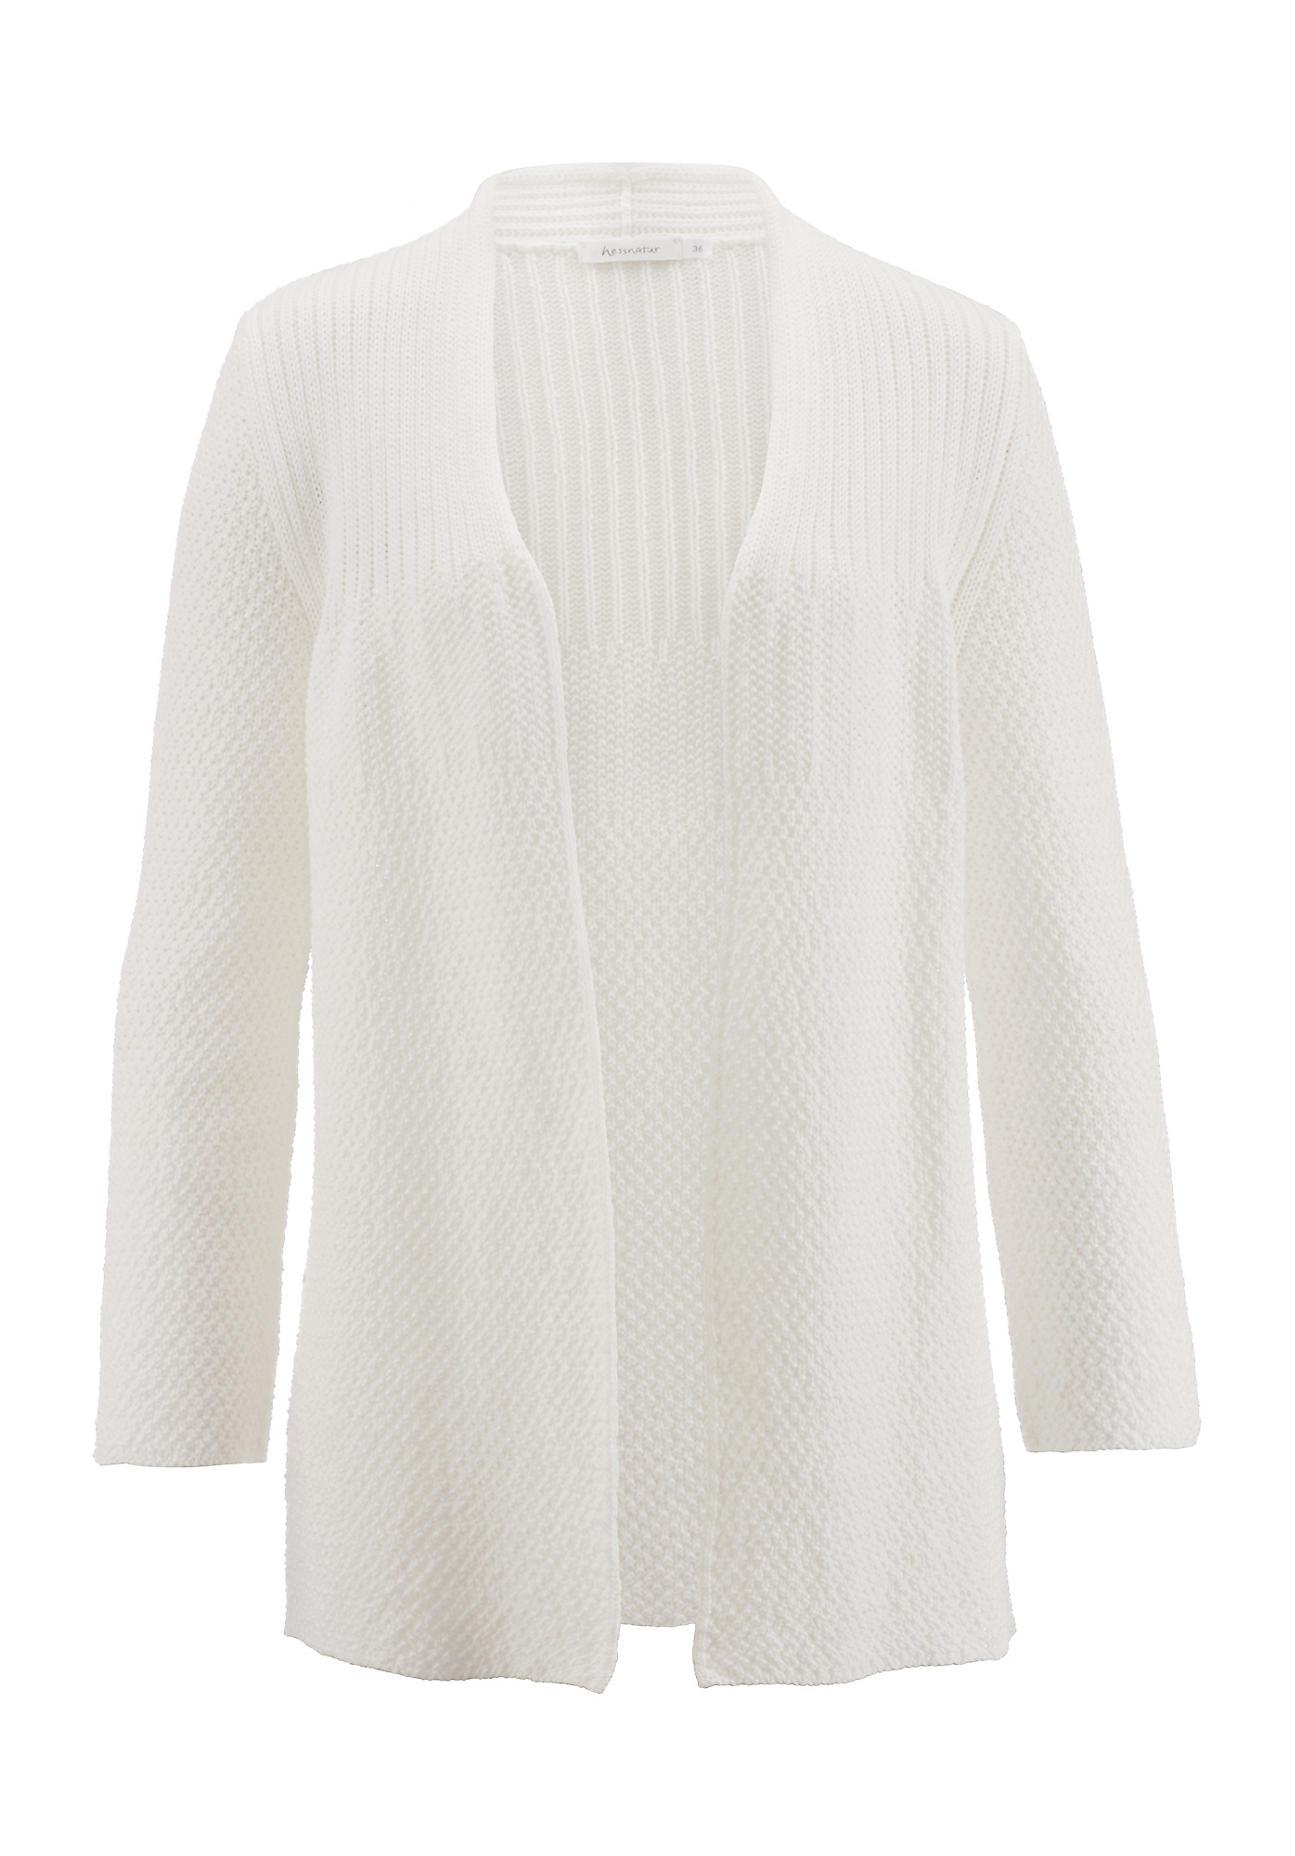 hessnatur -  Damen Strickjacke aus Bio-Baumwolle – weiß – Größe 46